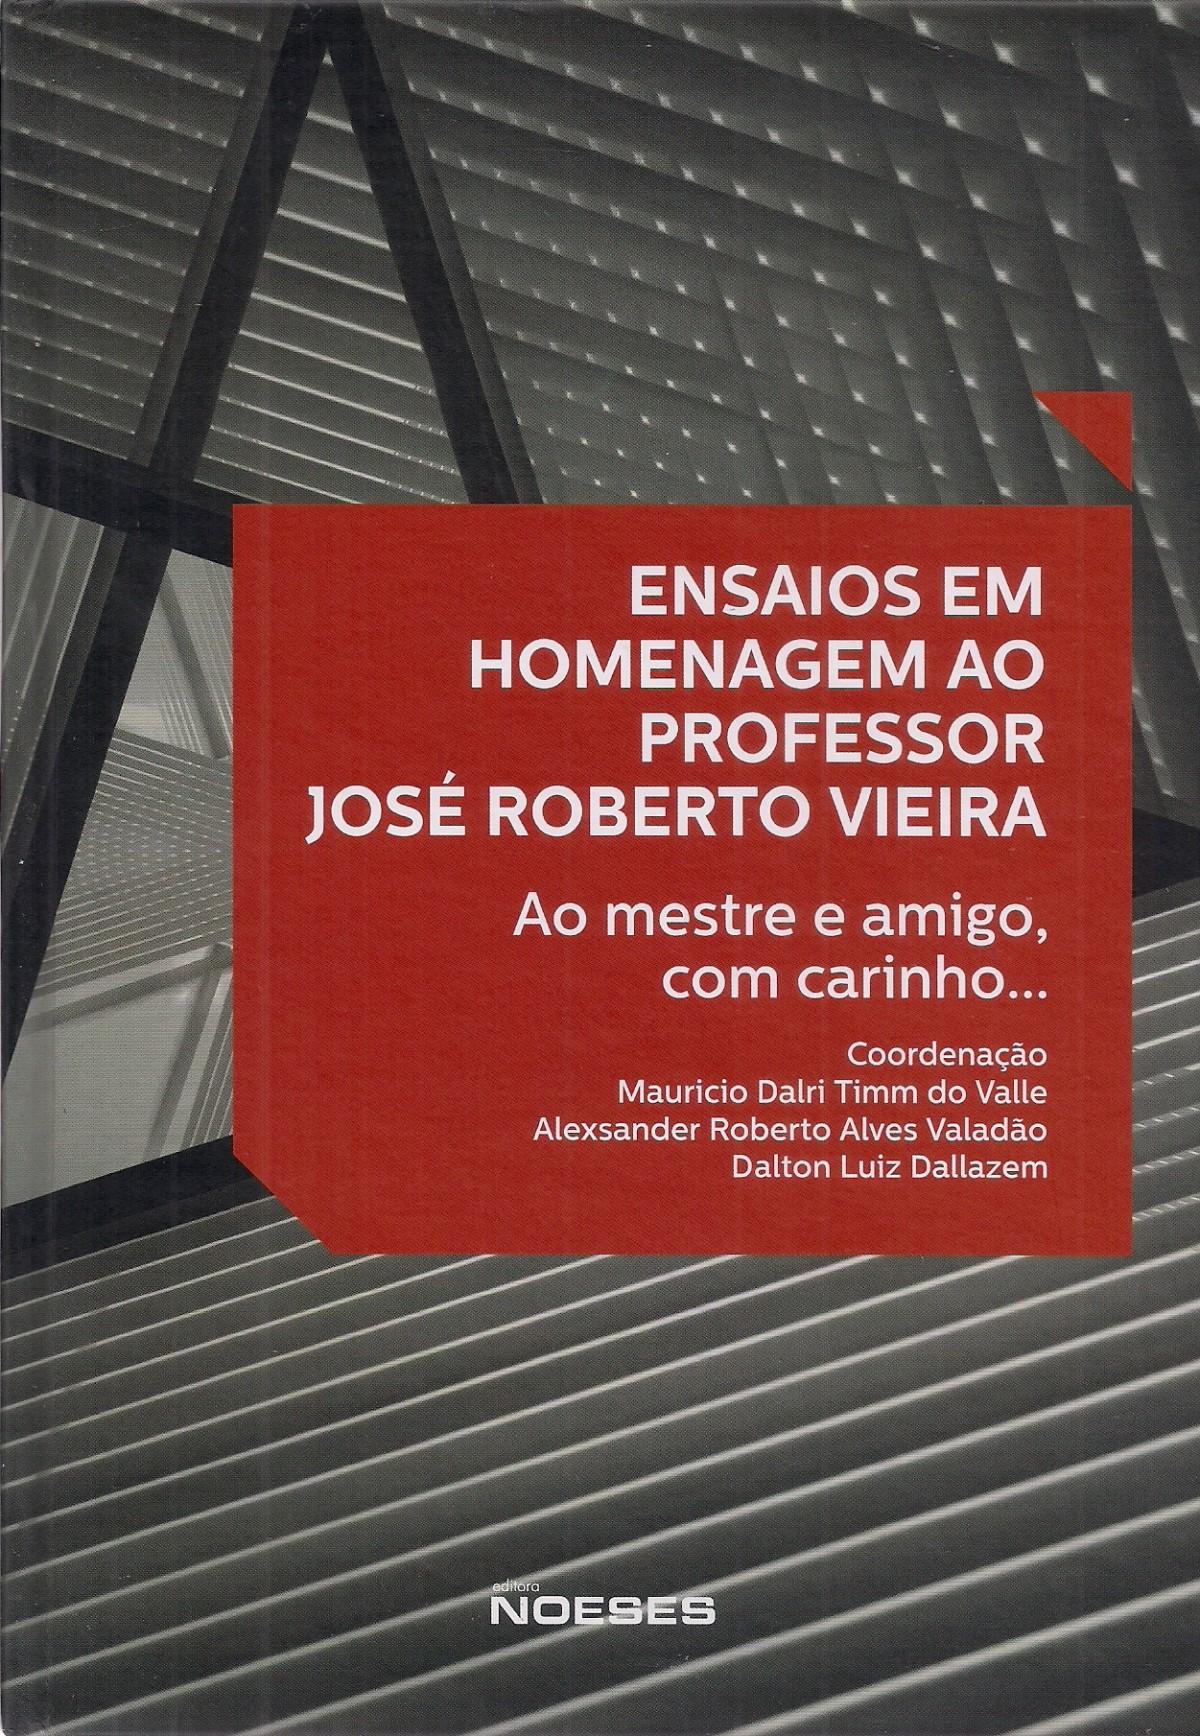 Foto 1 - Ensaios em Homenagem ao Professor José Roberto Vieira